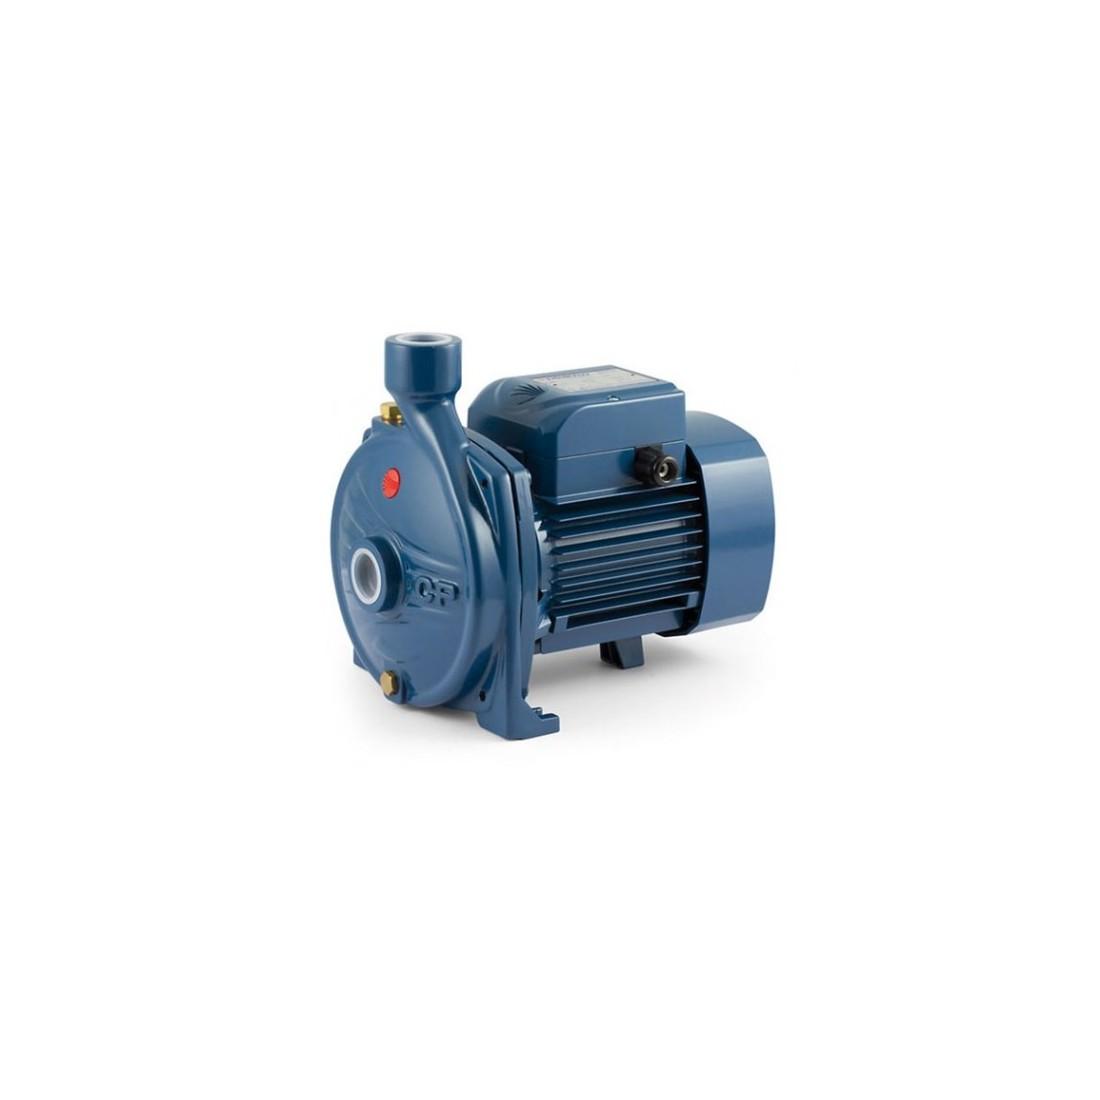 Pompa de suprafata centrifugala Pedrollo CPm 100 monofazata